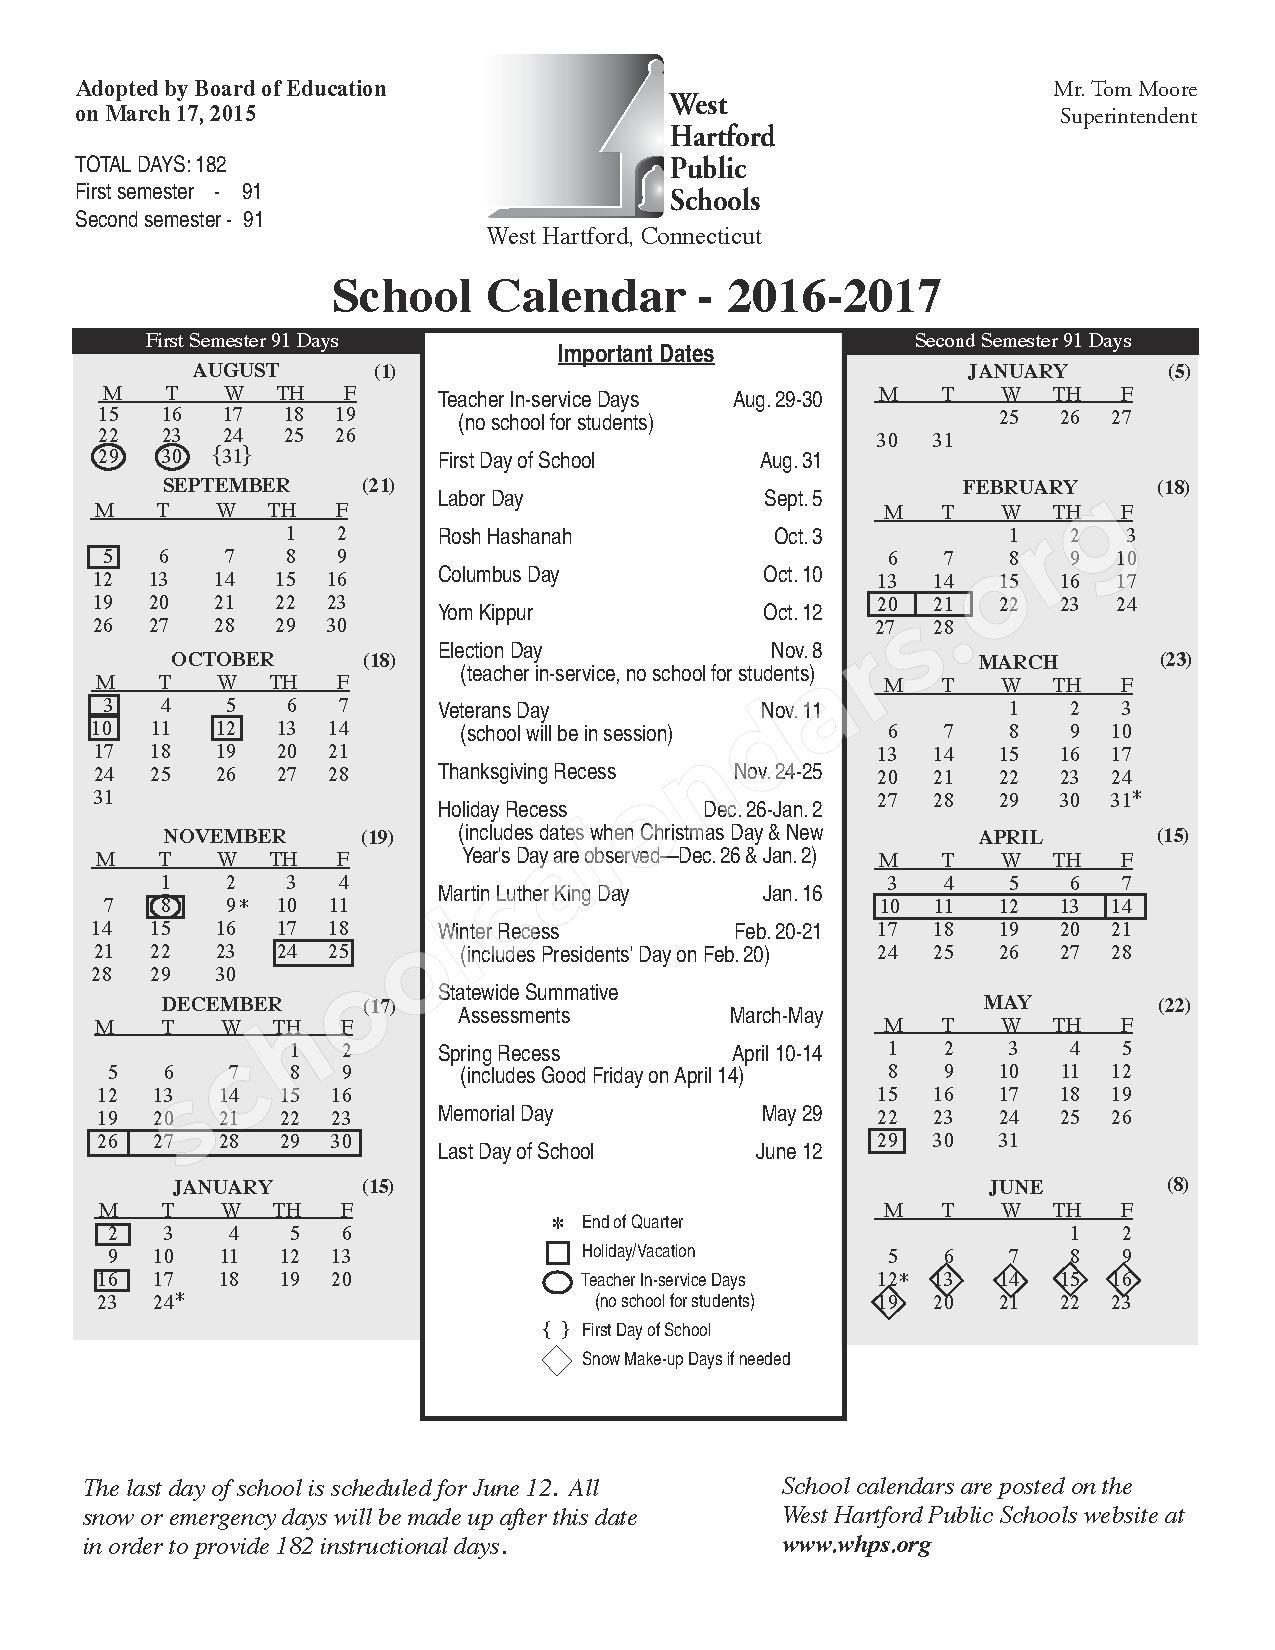 2016 - 2017 School Calendar – West Hartford Public Schools – page 1